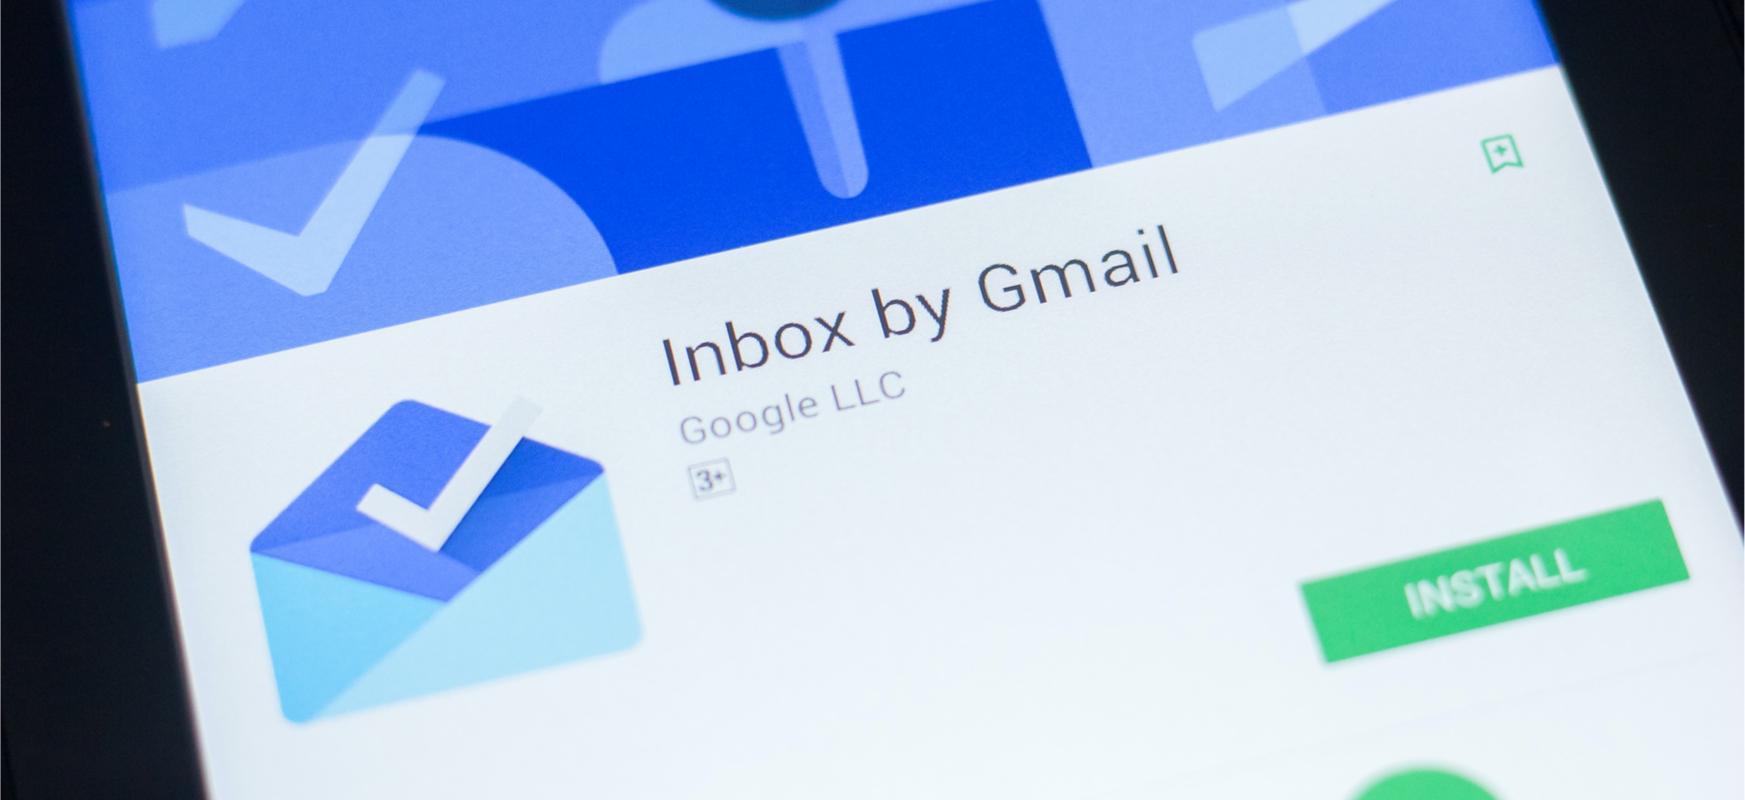 Gaur egun, Gmail-ek Inbox-etik urrun dago.  Google-ren posta elektronikoaren ondoren, inork ez du bete behar izan duen hutsunea